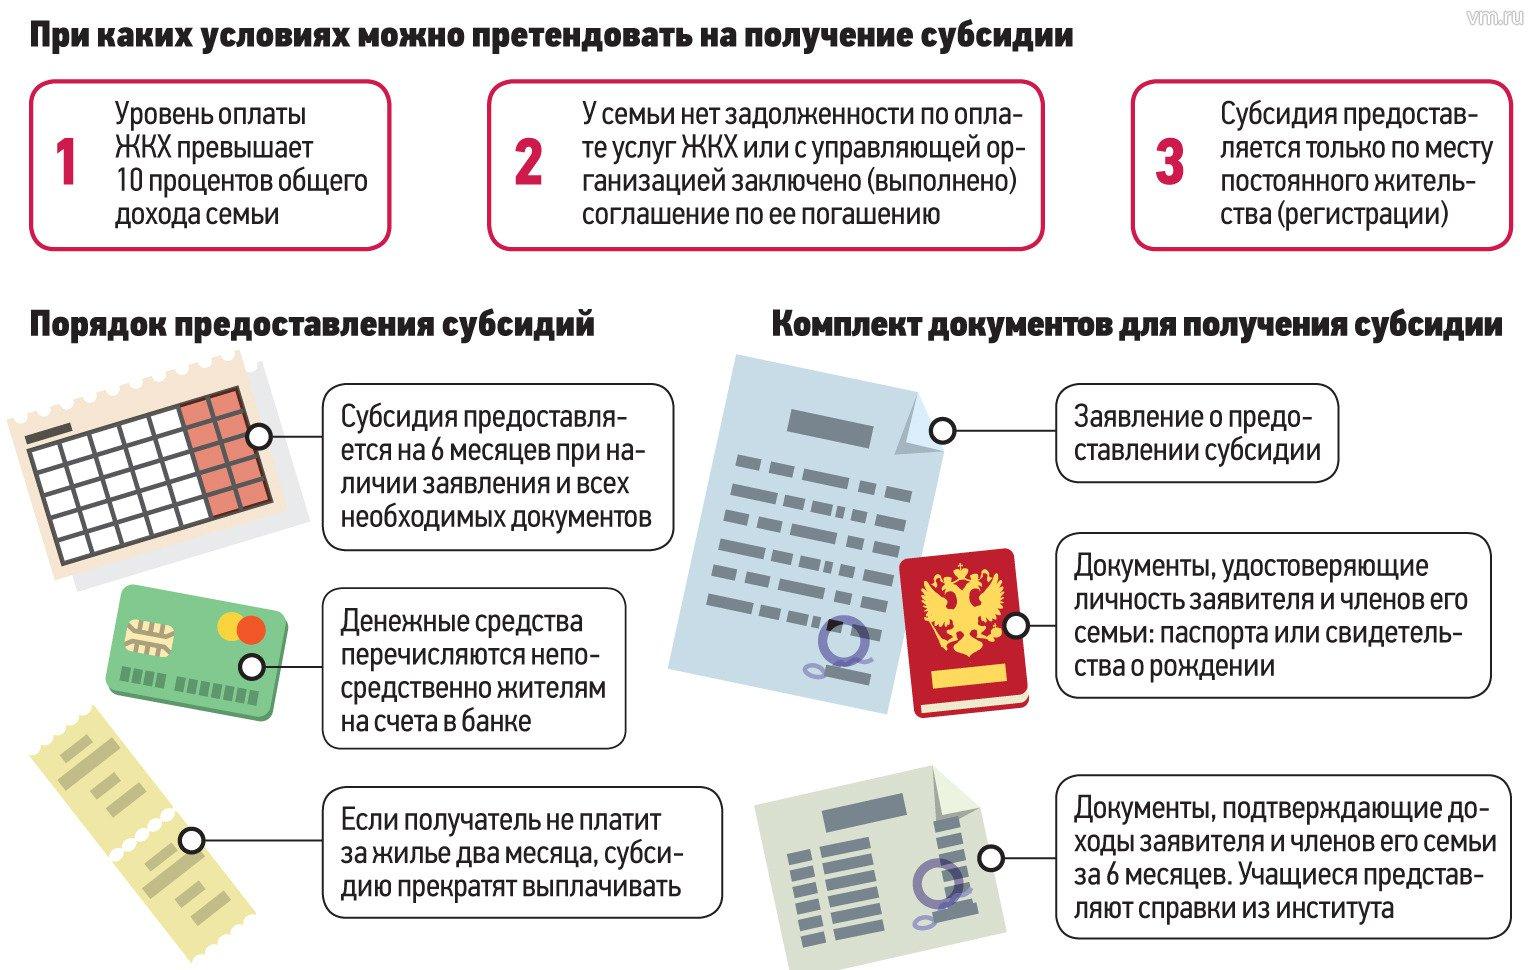 Документы для получения субсидии